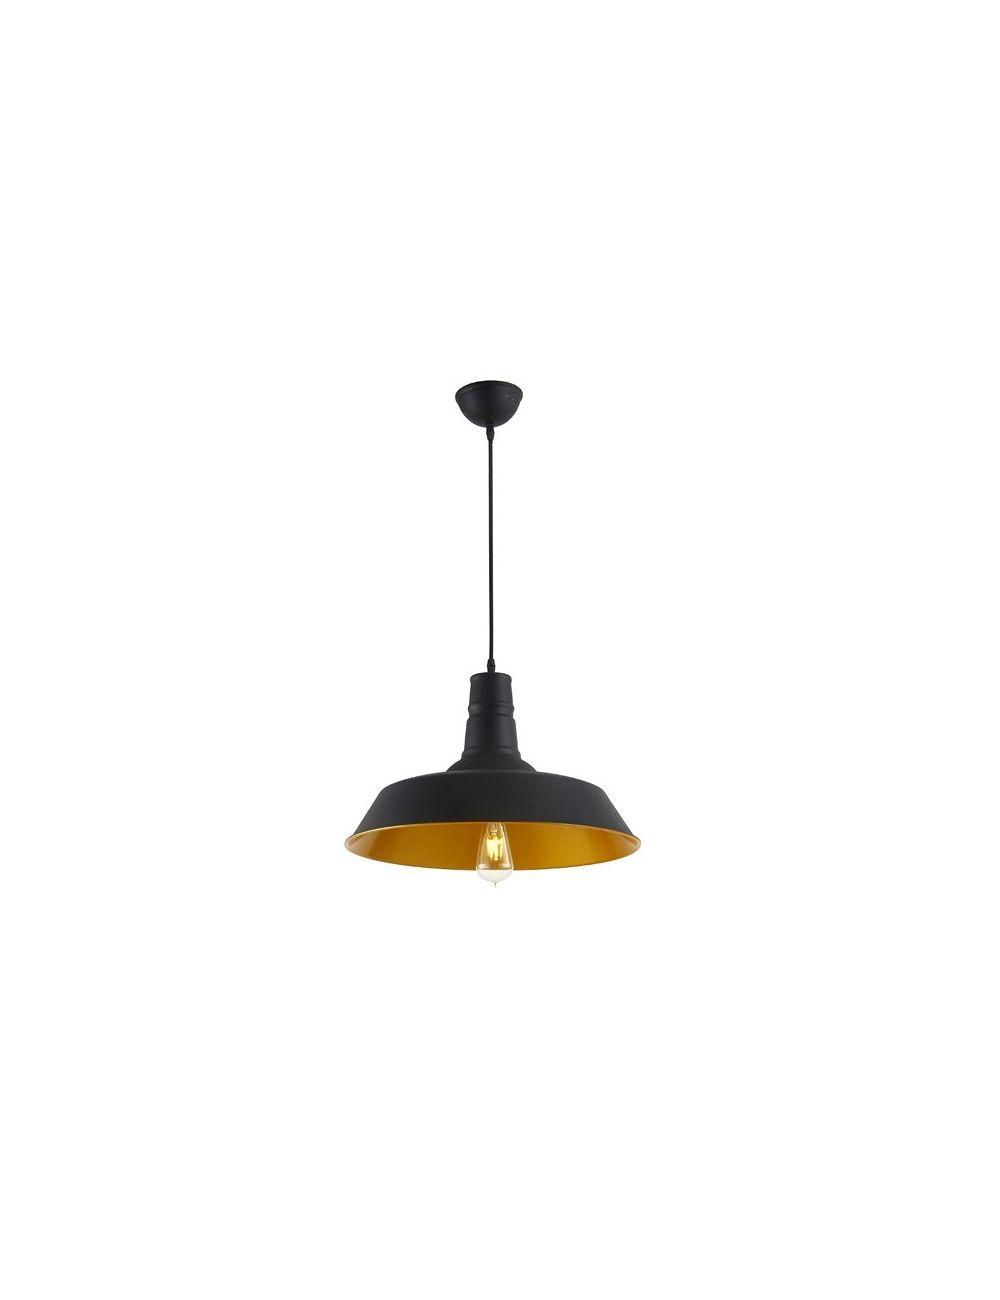 FB6848 BK/GO Alexis lampa wisząca Azzardo